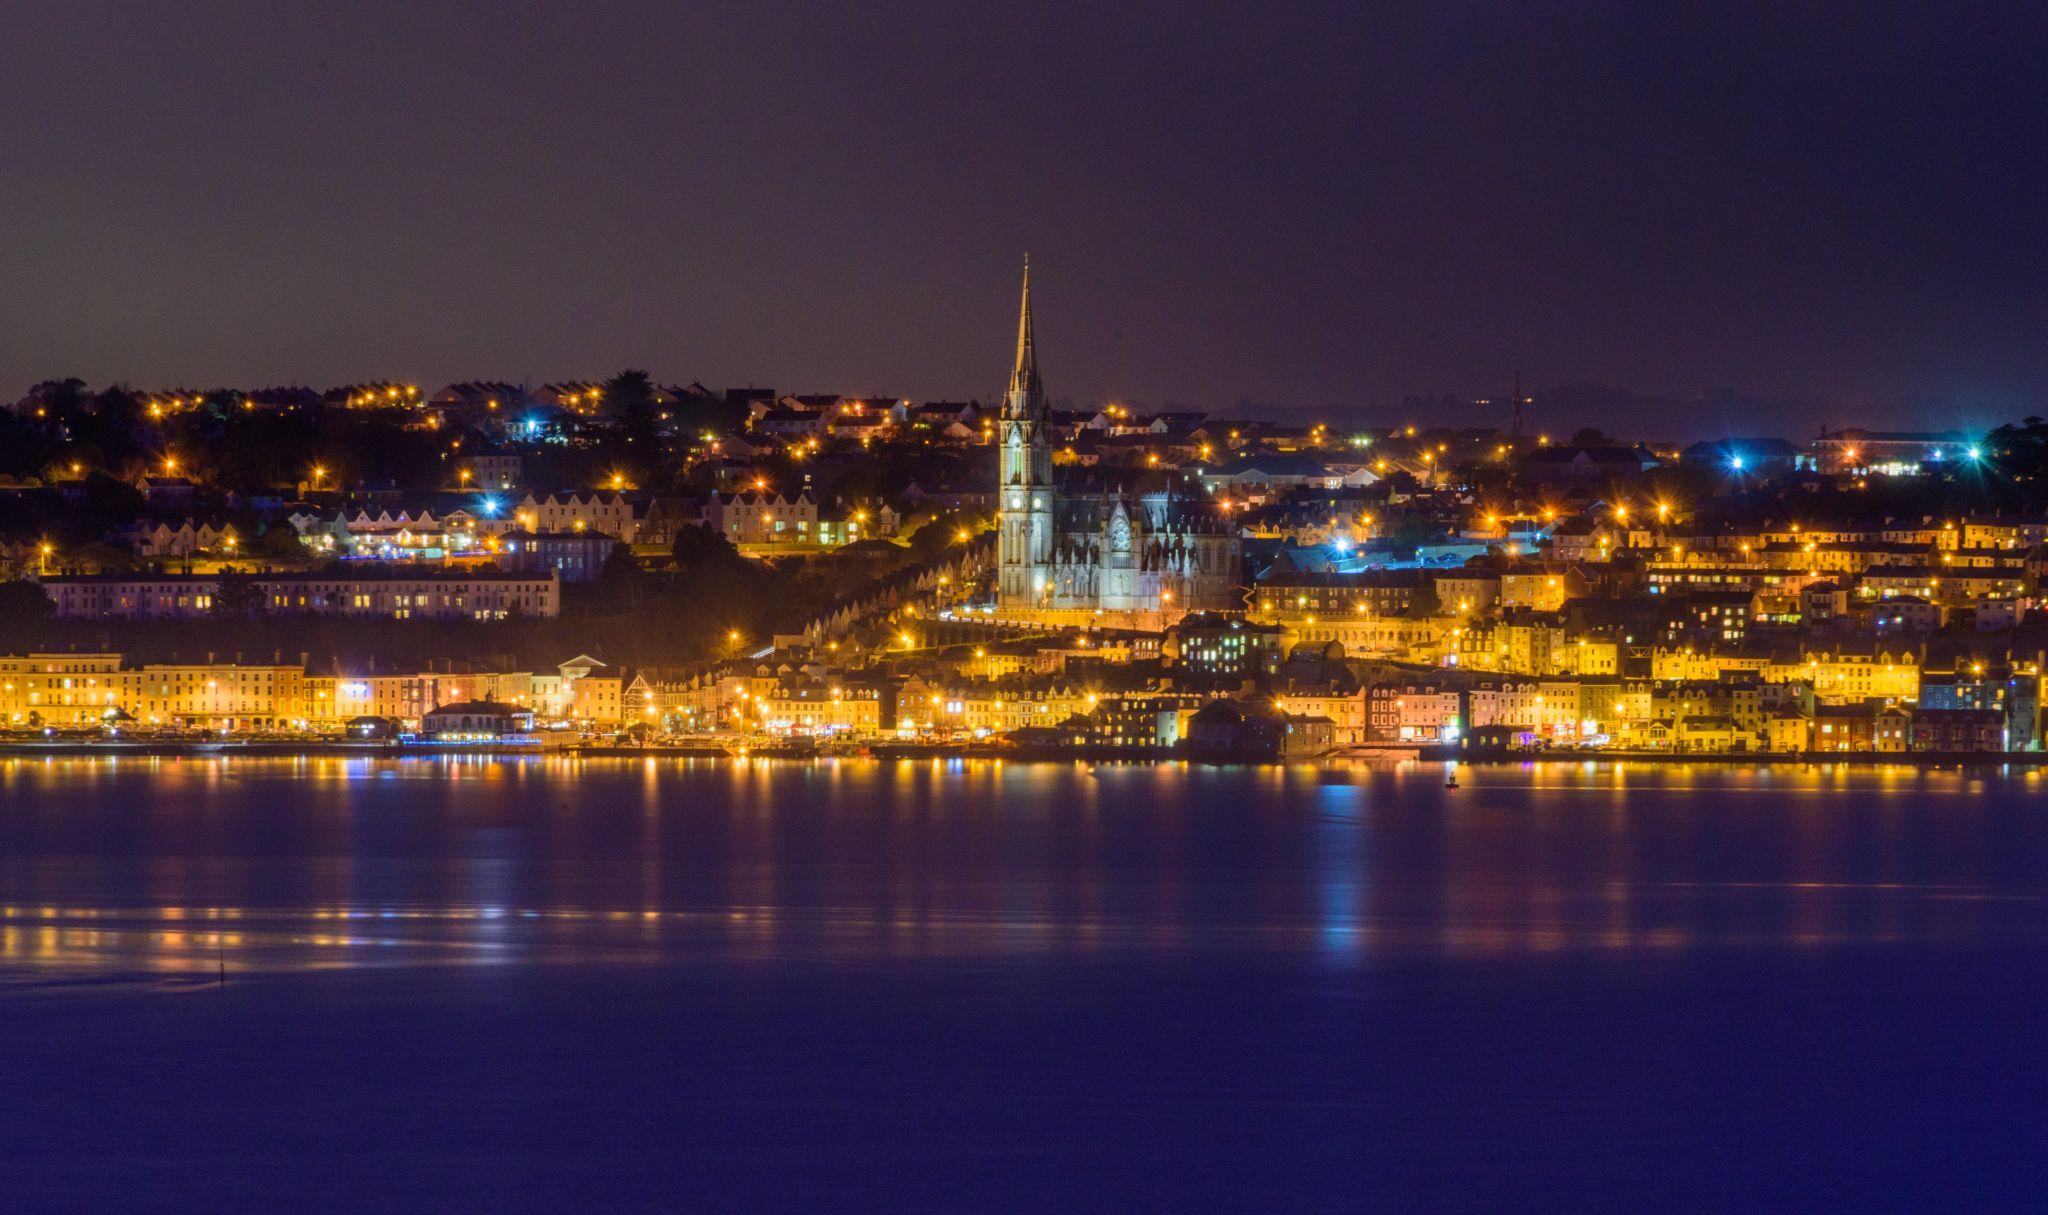 Cobh - Blue Hour, Ireland